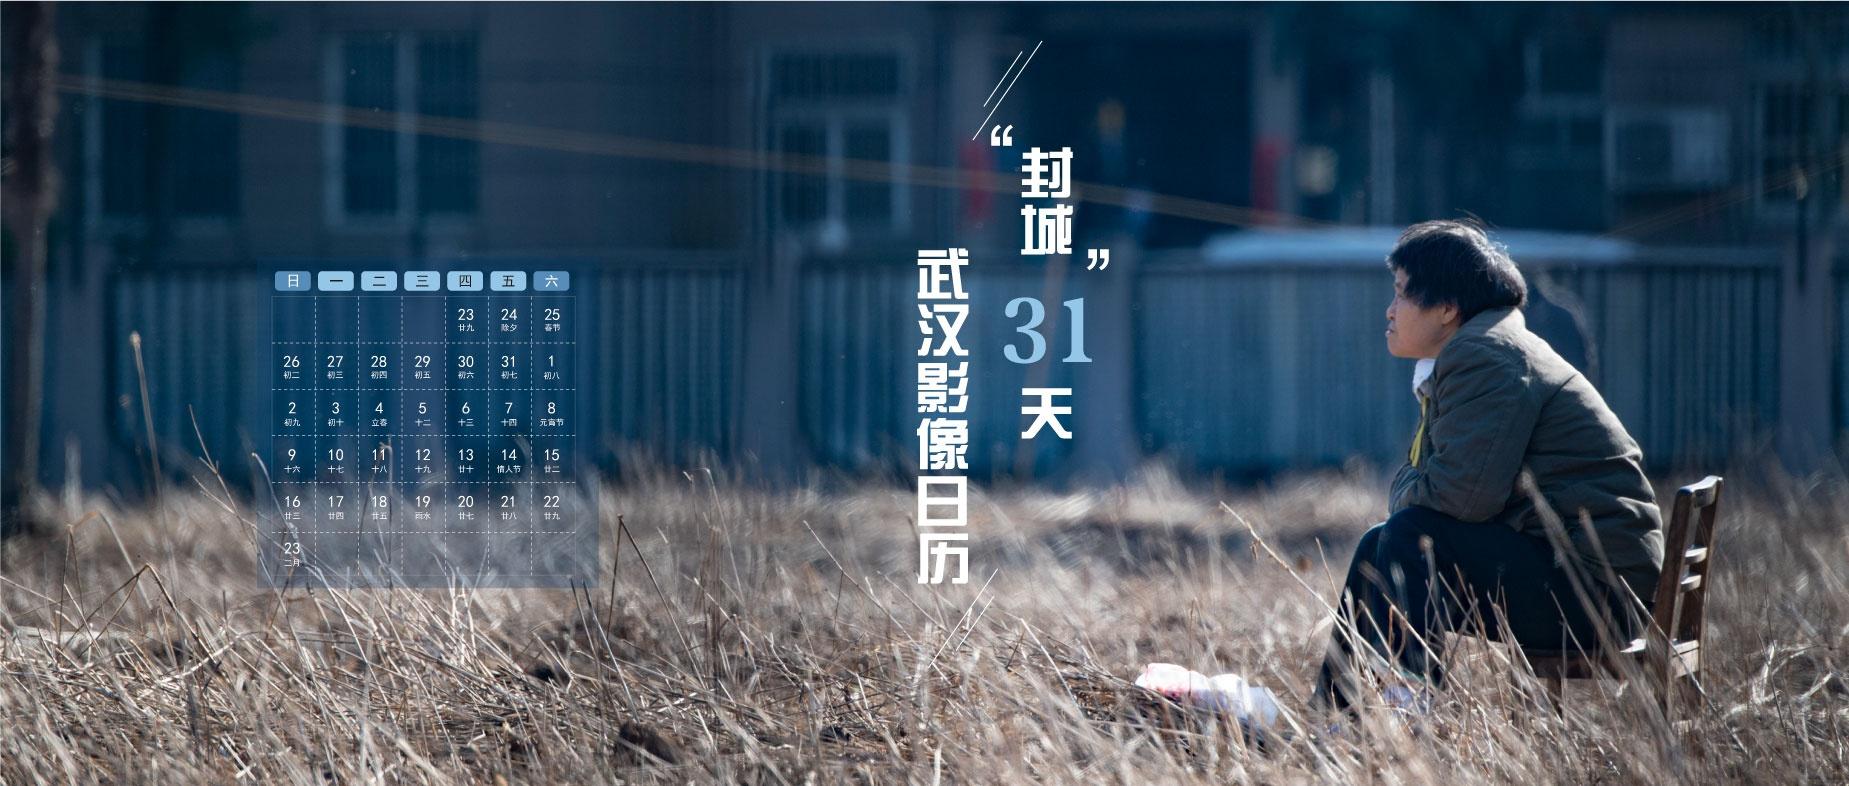 """""""封城"""" • 武汉影像日历图片"""